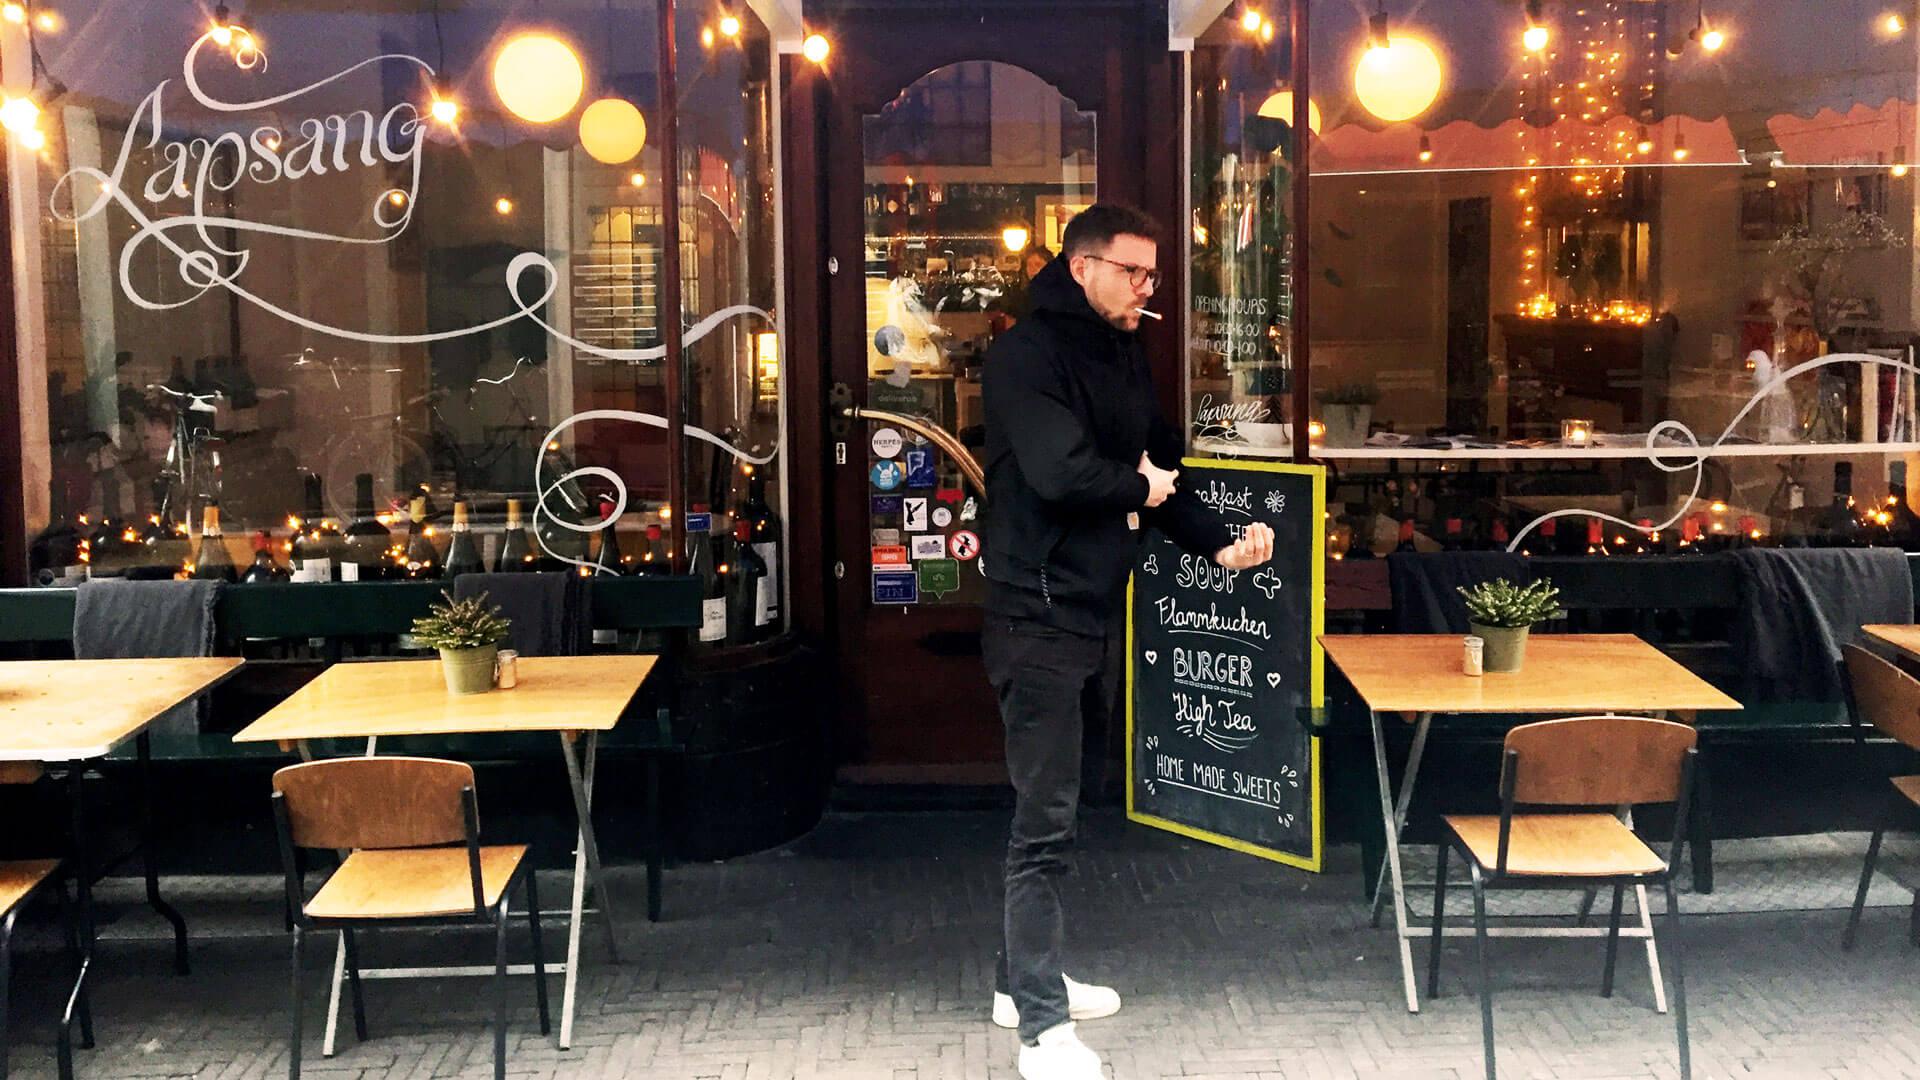 Weinbar Lapsang in Den Haag